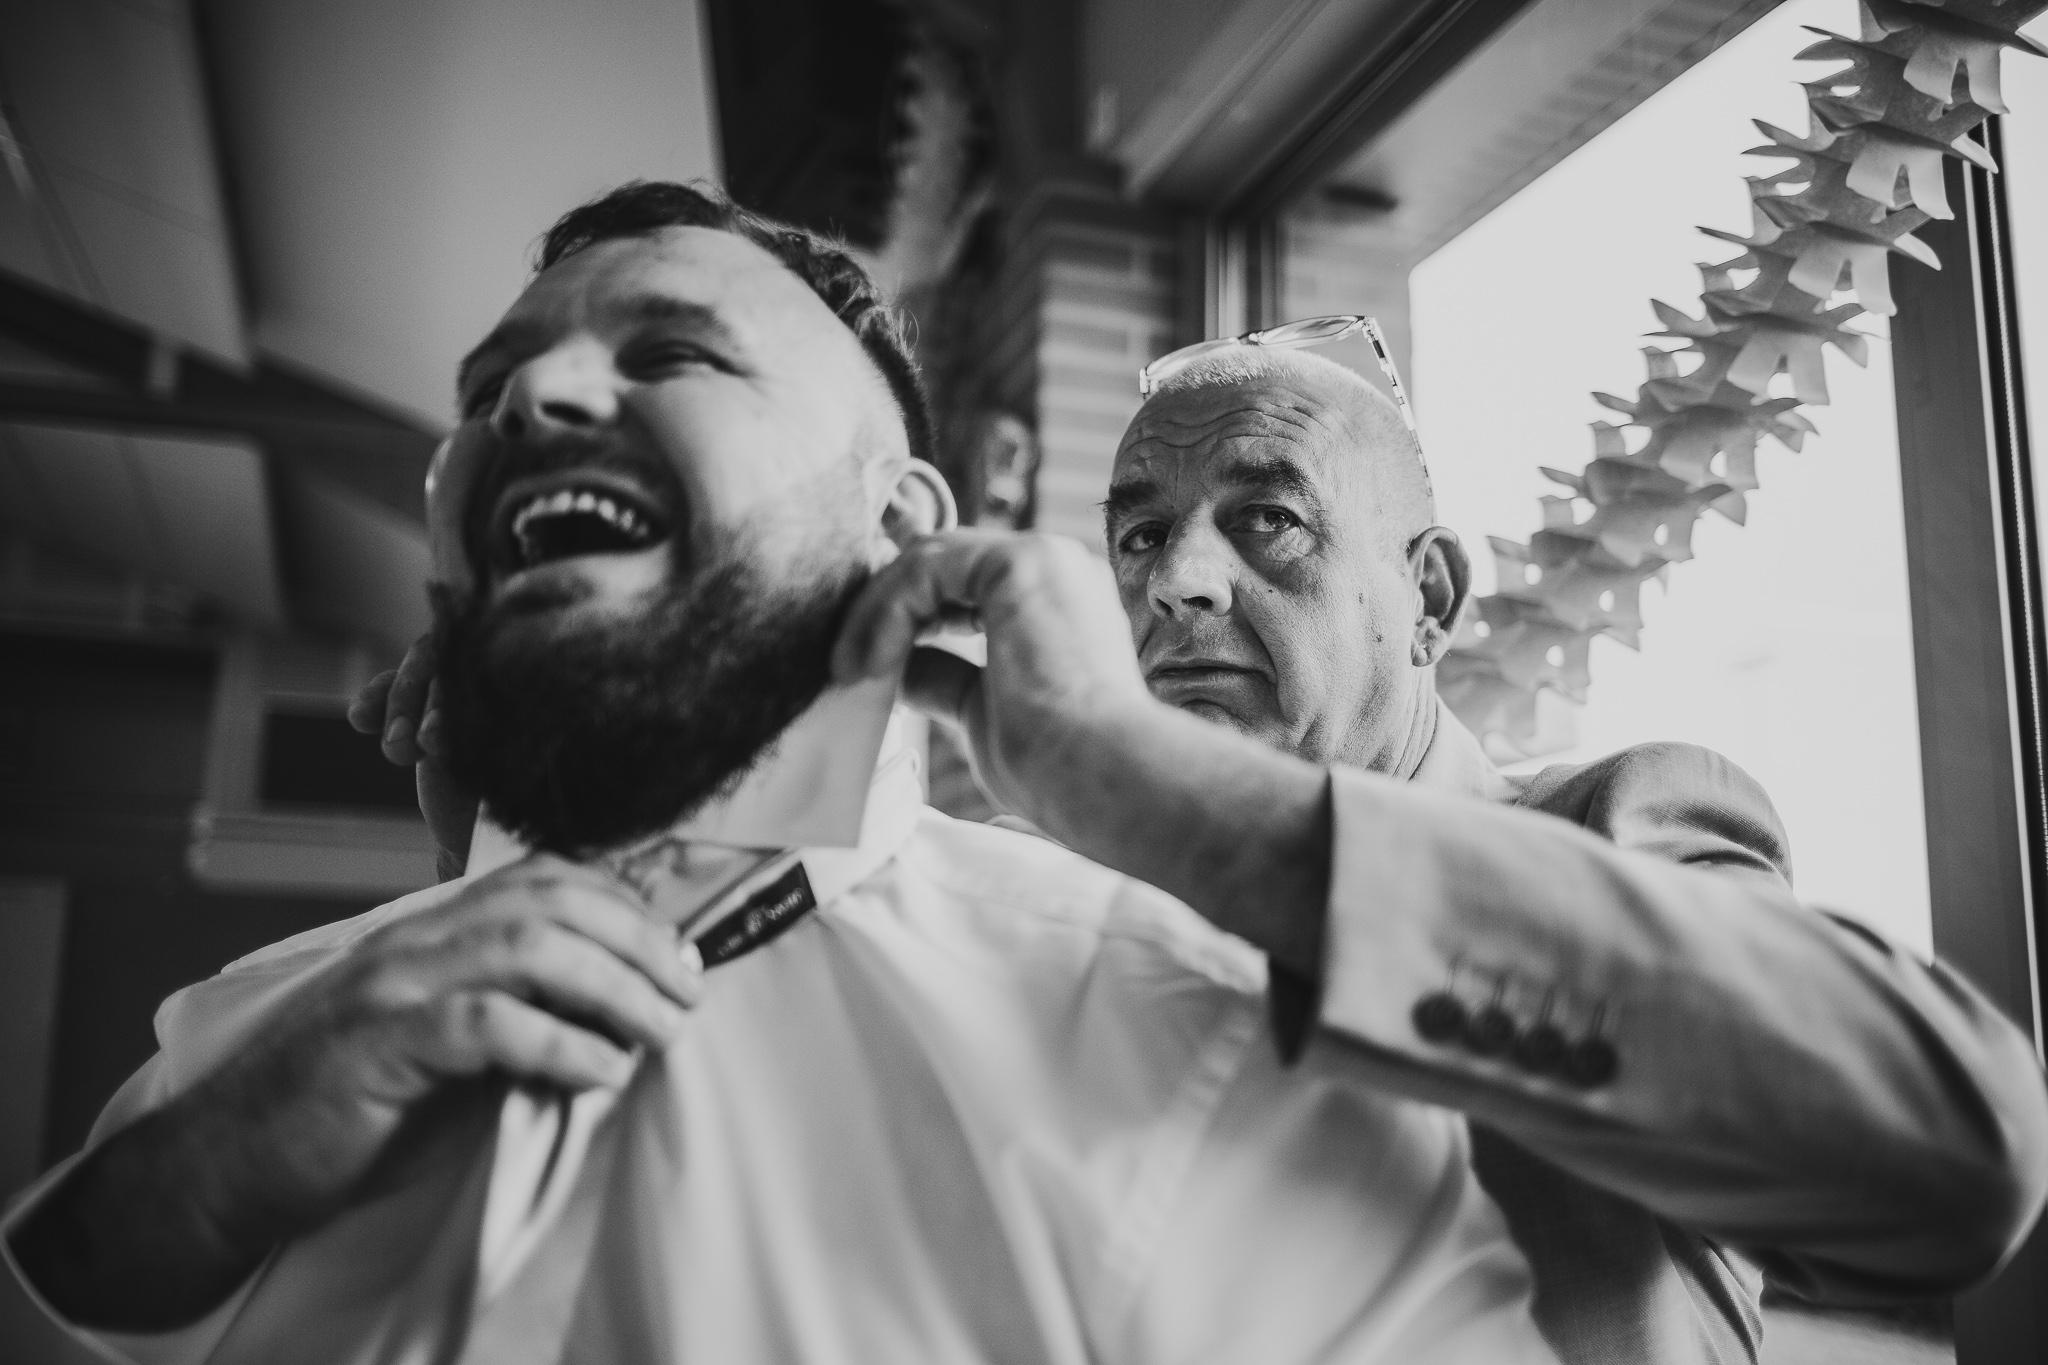 reportage mariage photo habillage preparatifs le marie pere et fils cravate fun serieux toulouse